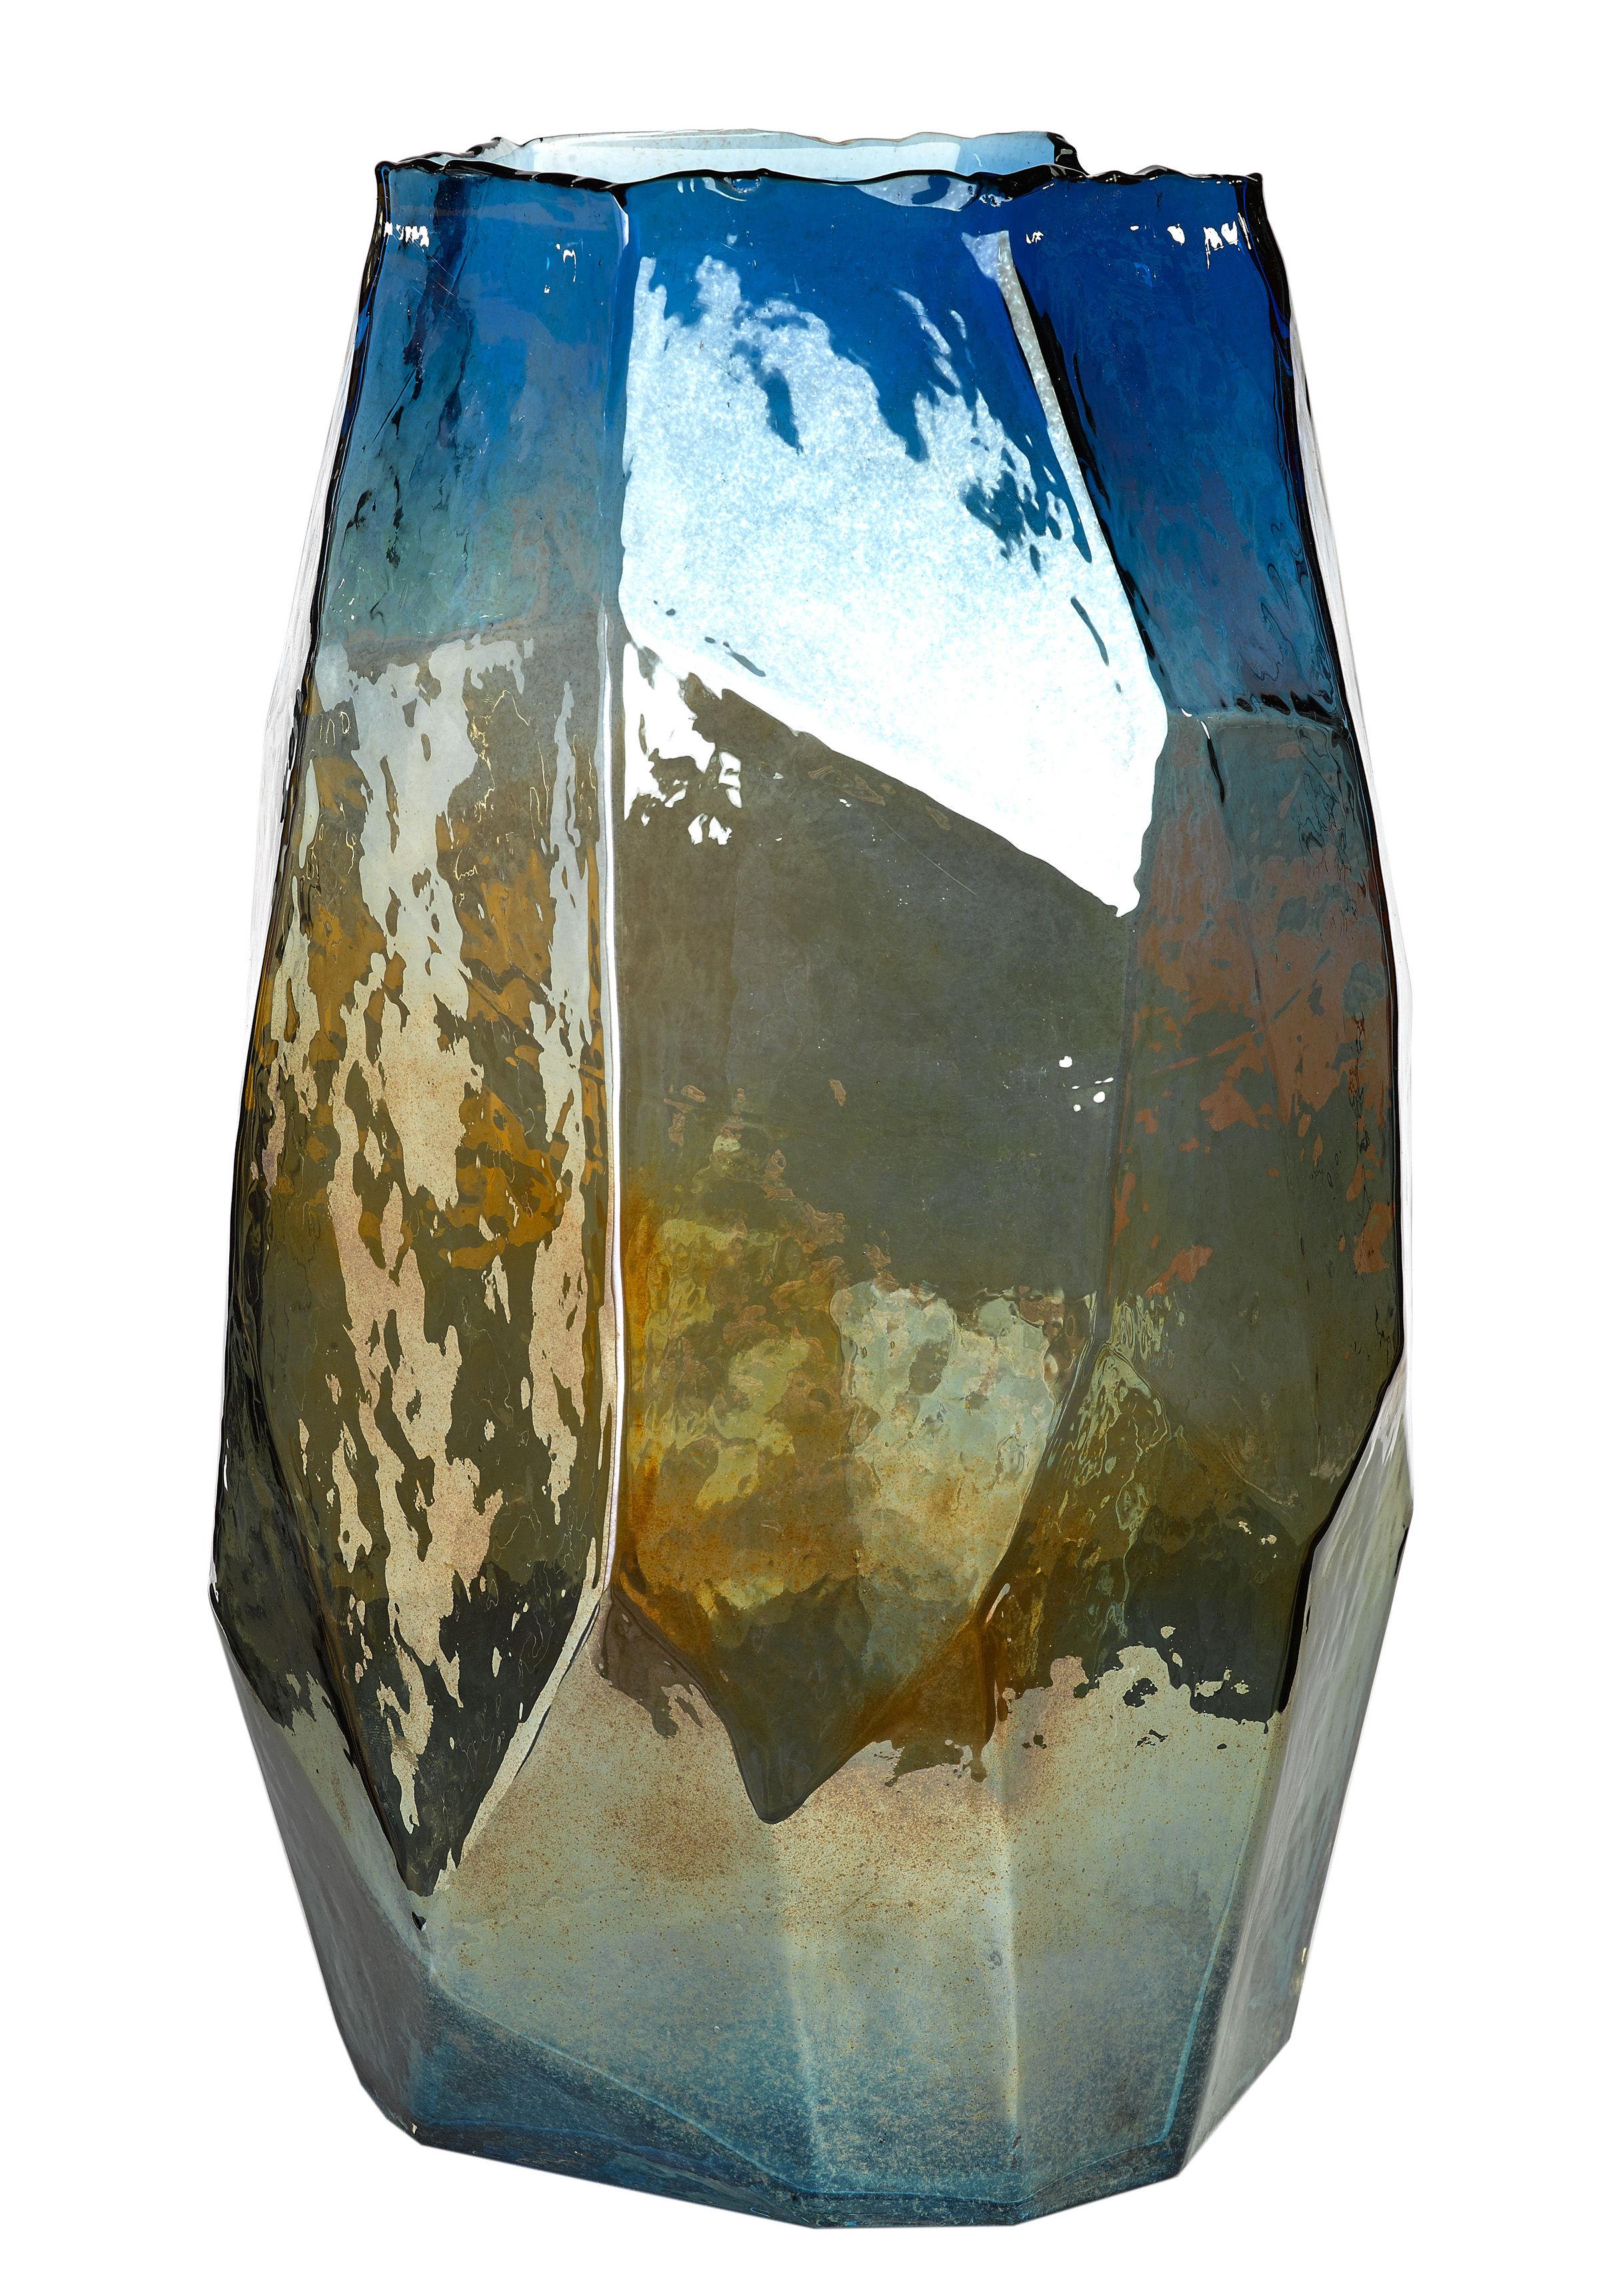 Déco - Vases - Vase Graphic Luster Large / H 40 cm - Verre irisé - Pols Potten - Bleu iridescent - Verre teinté